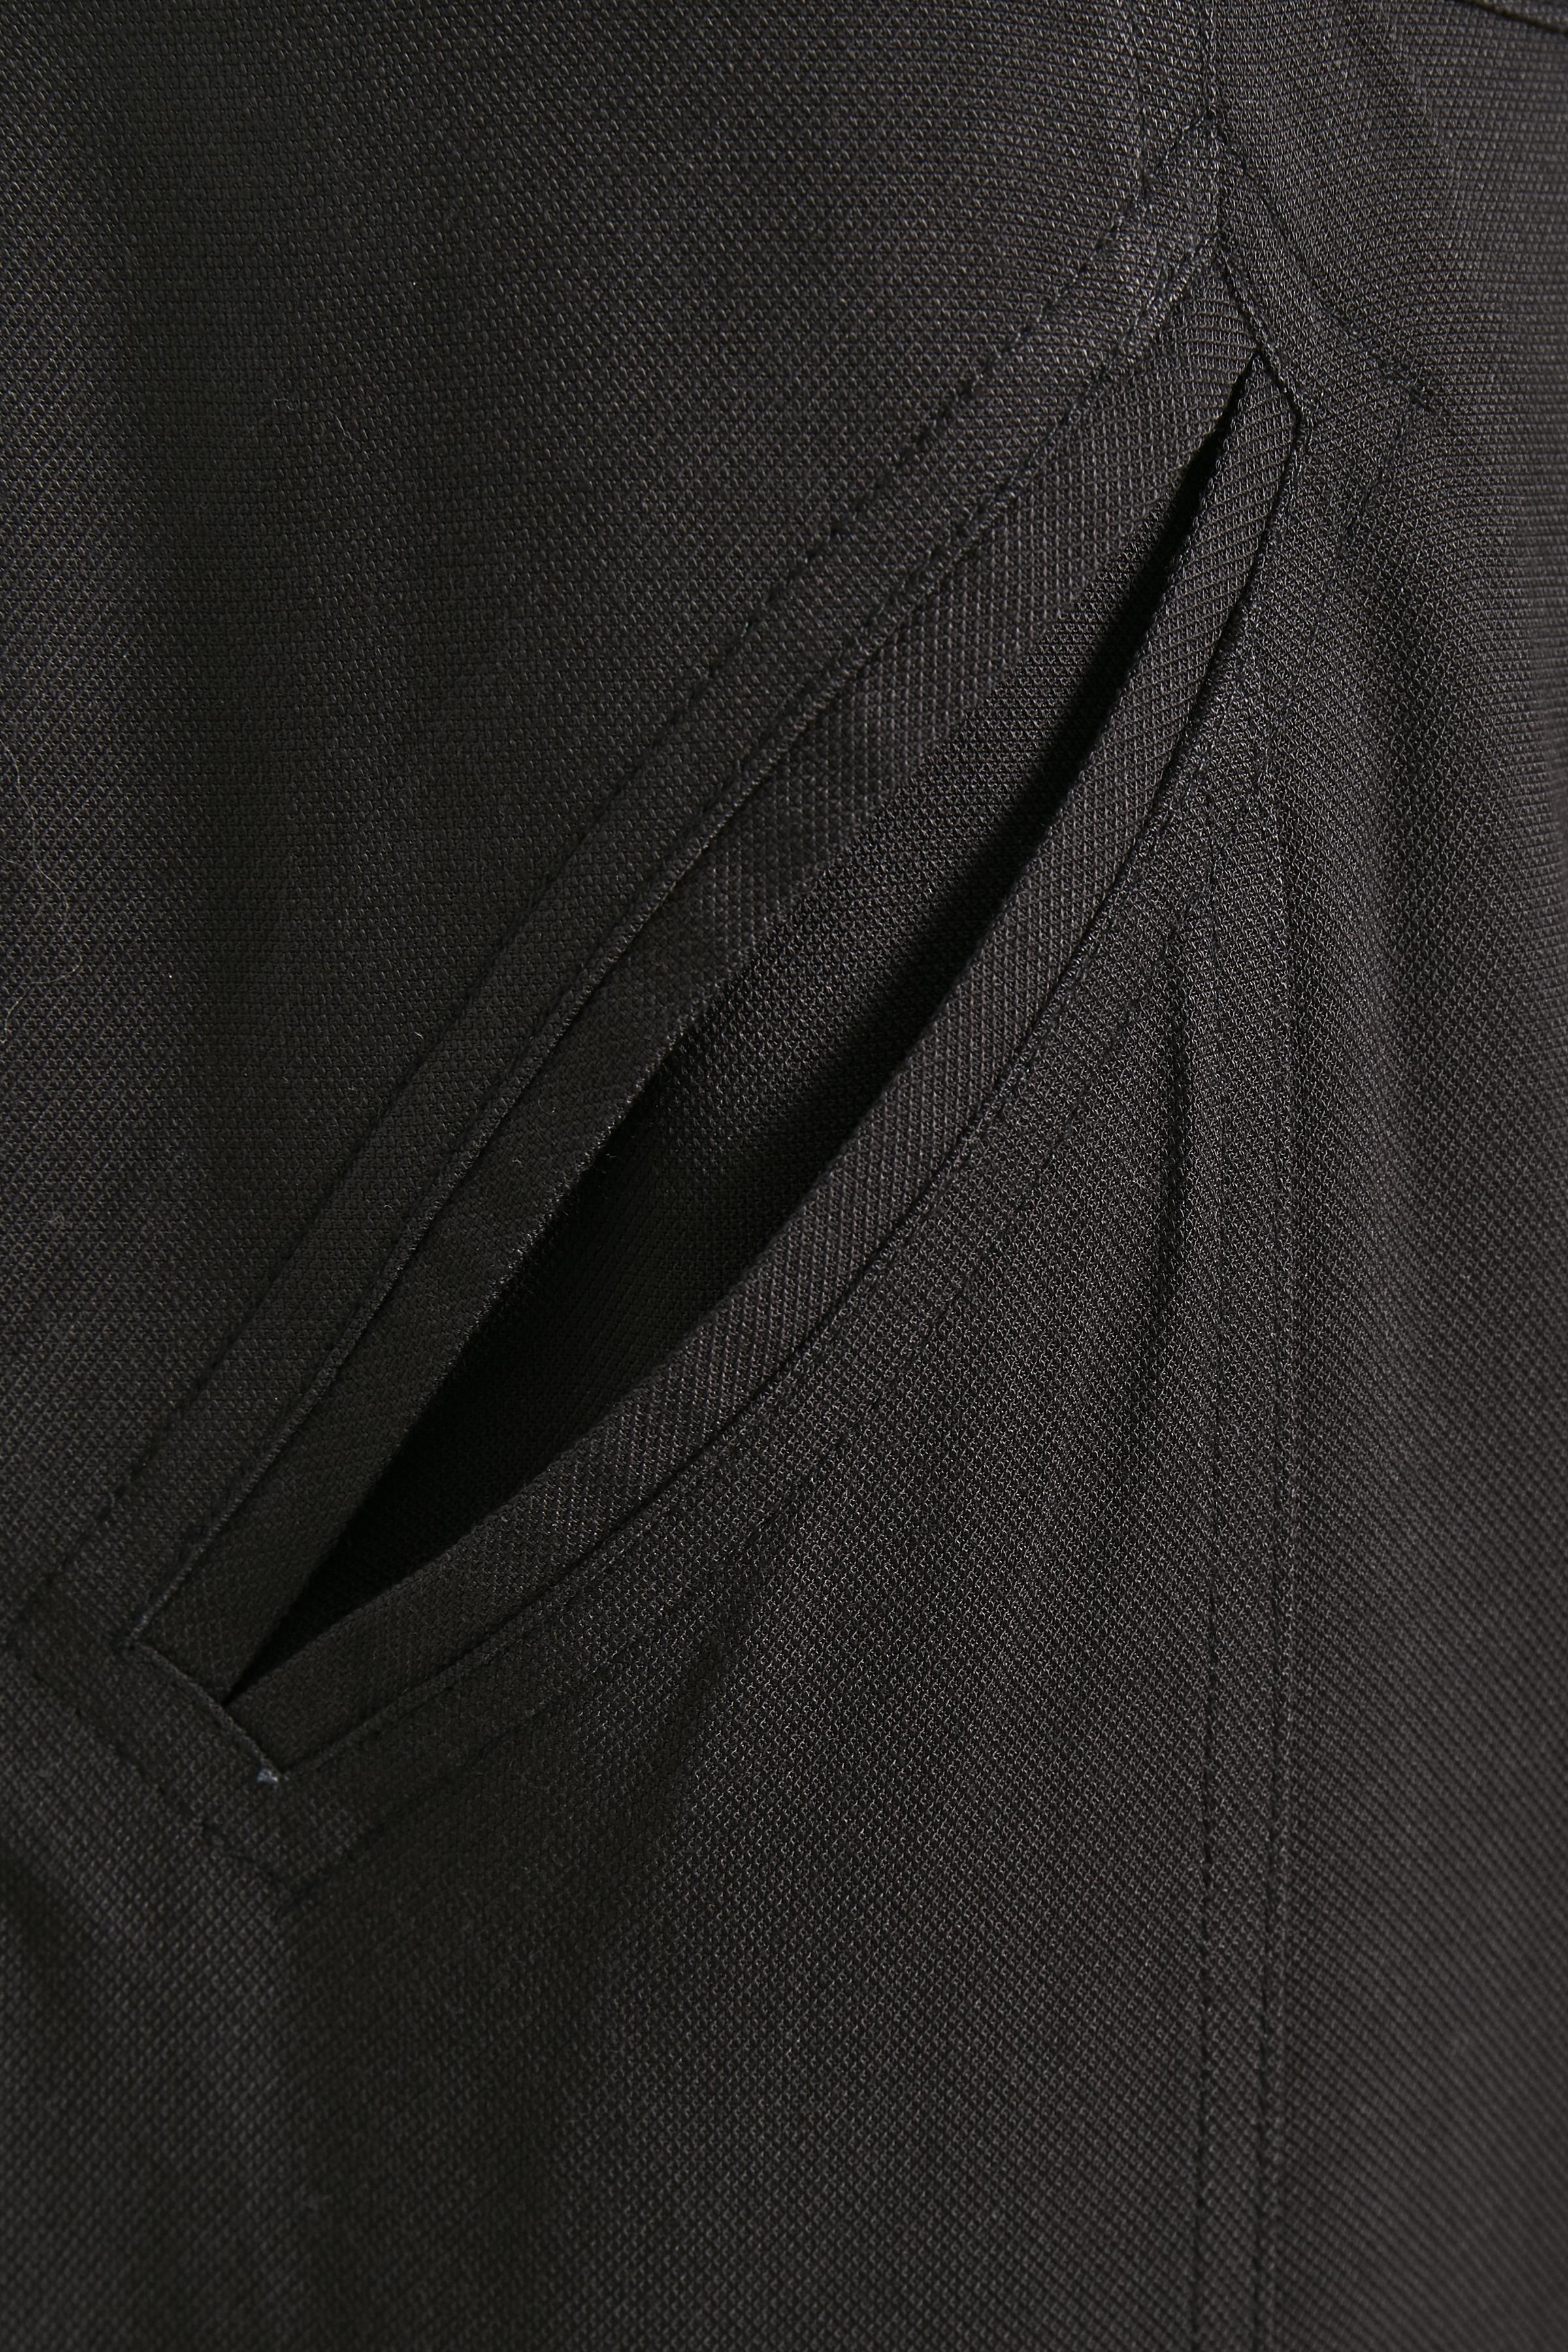 Dunkel anthrazitgrau Knöchelhose von Bon'A Parte – Shoppen Sie Dunkel anthrazitgrau Knöchelhose ab Gr. 36-48 hier